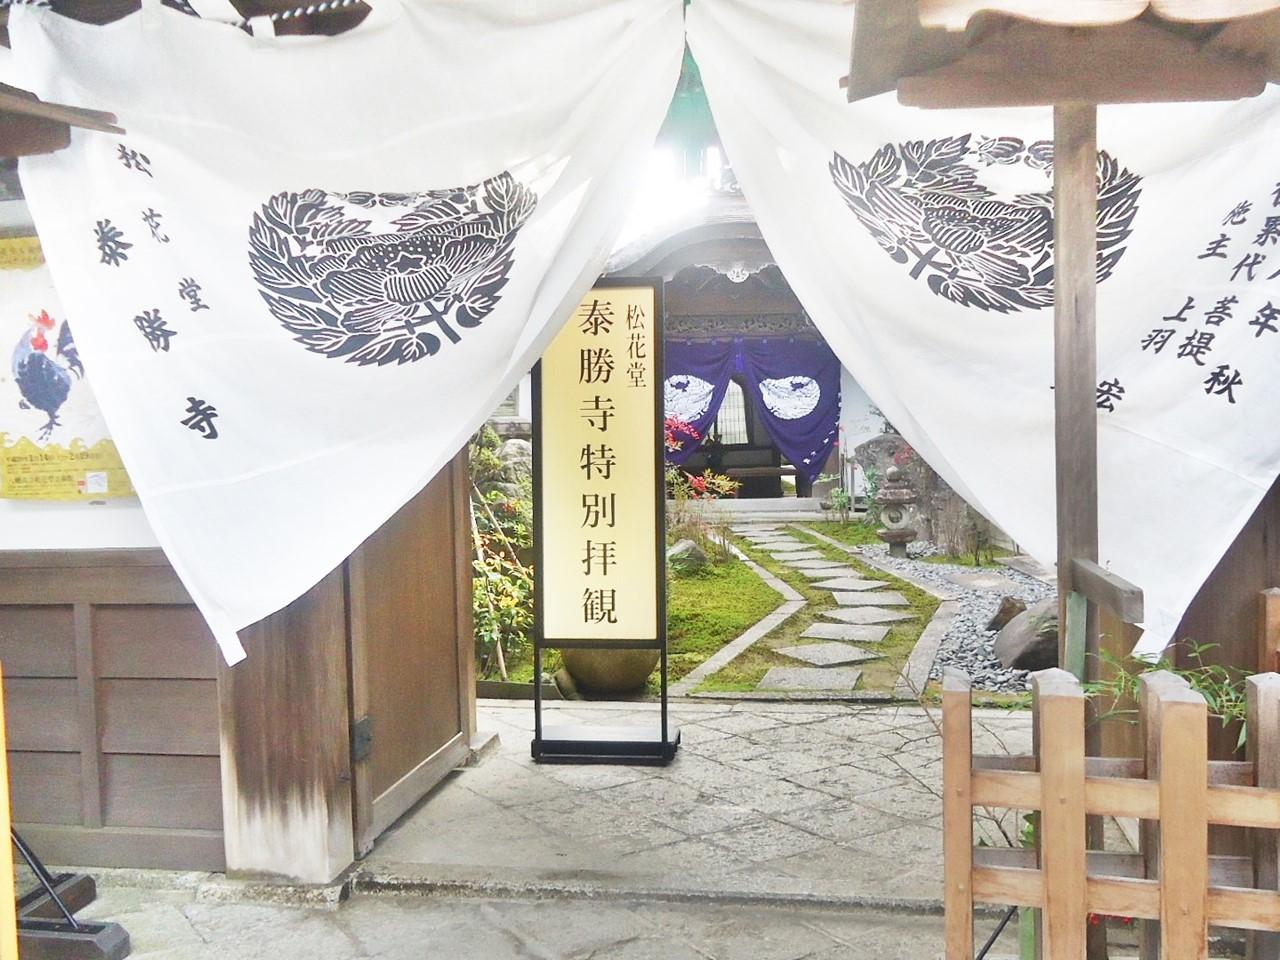 20a 泰勝寺の入り口